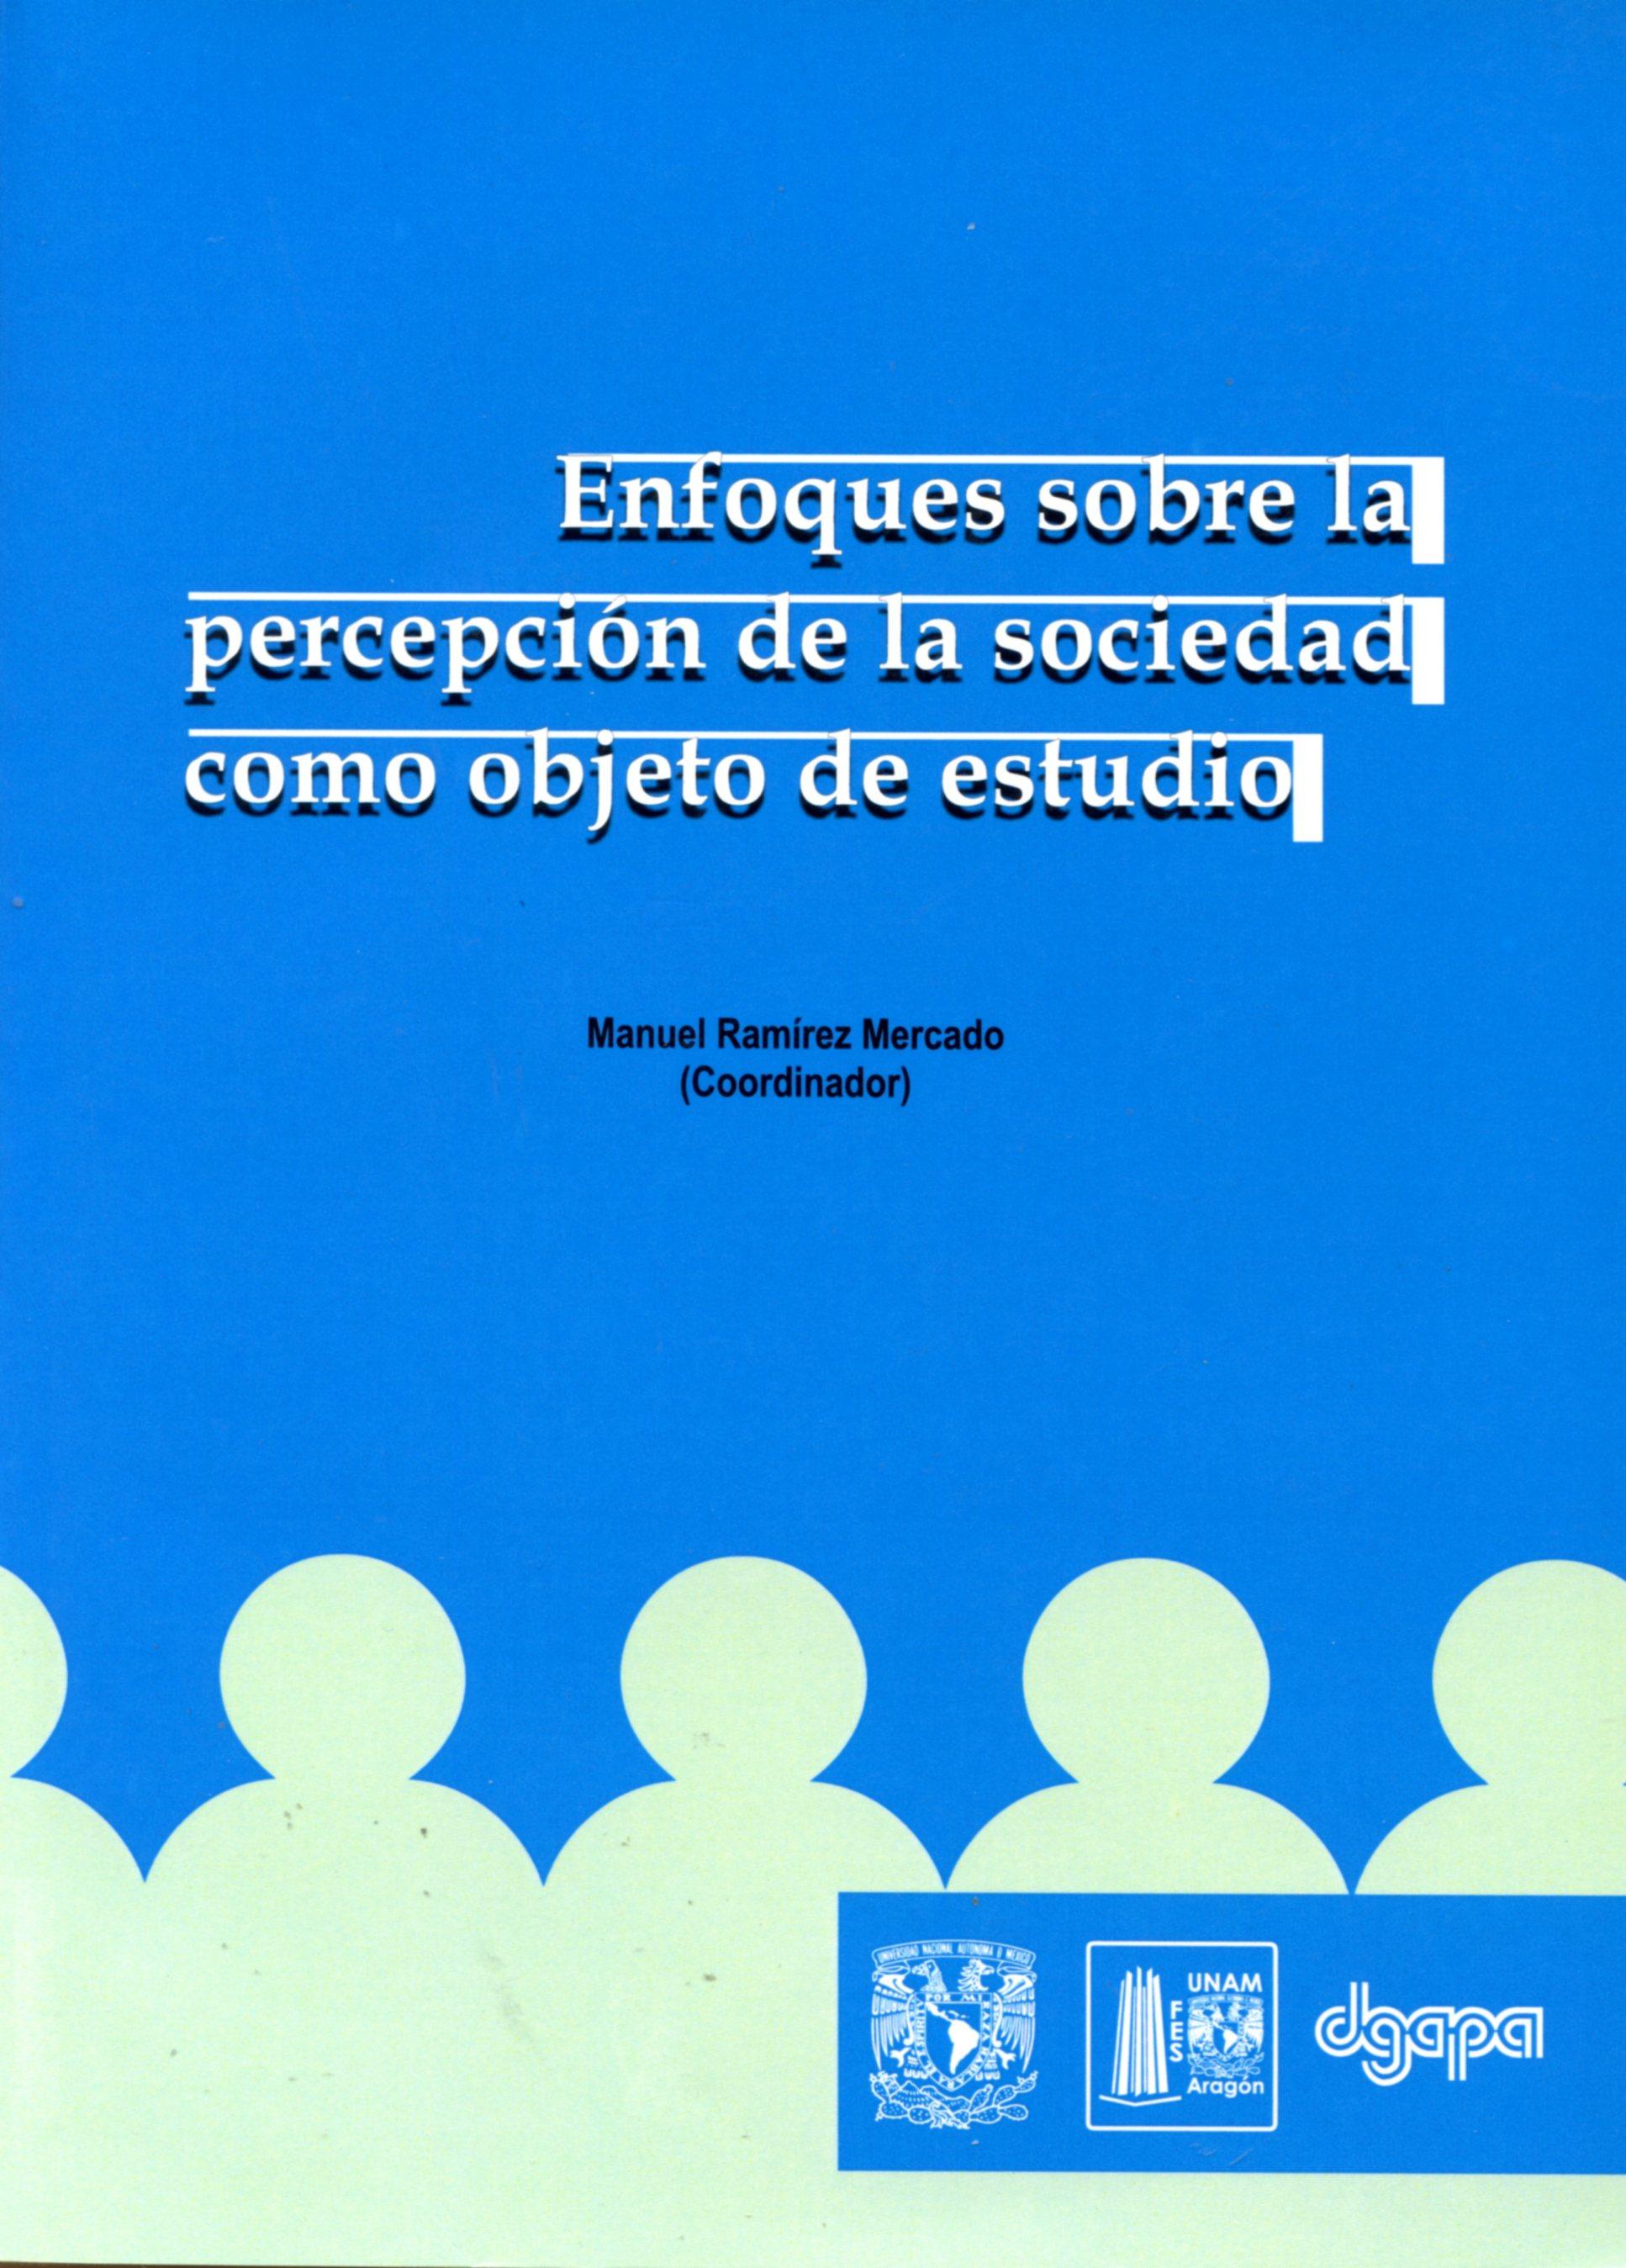 Enfoques sobre la percepción de la sociedad como objeto de estudio